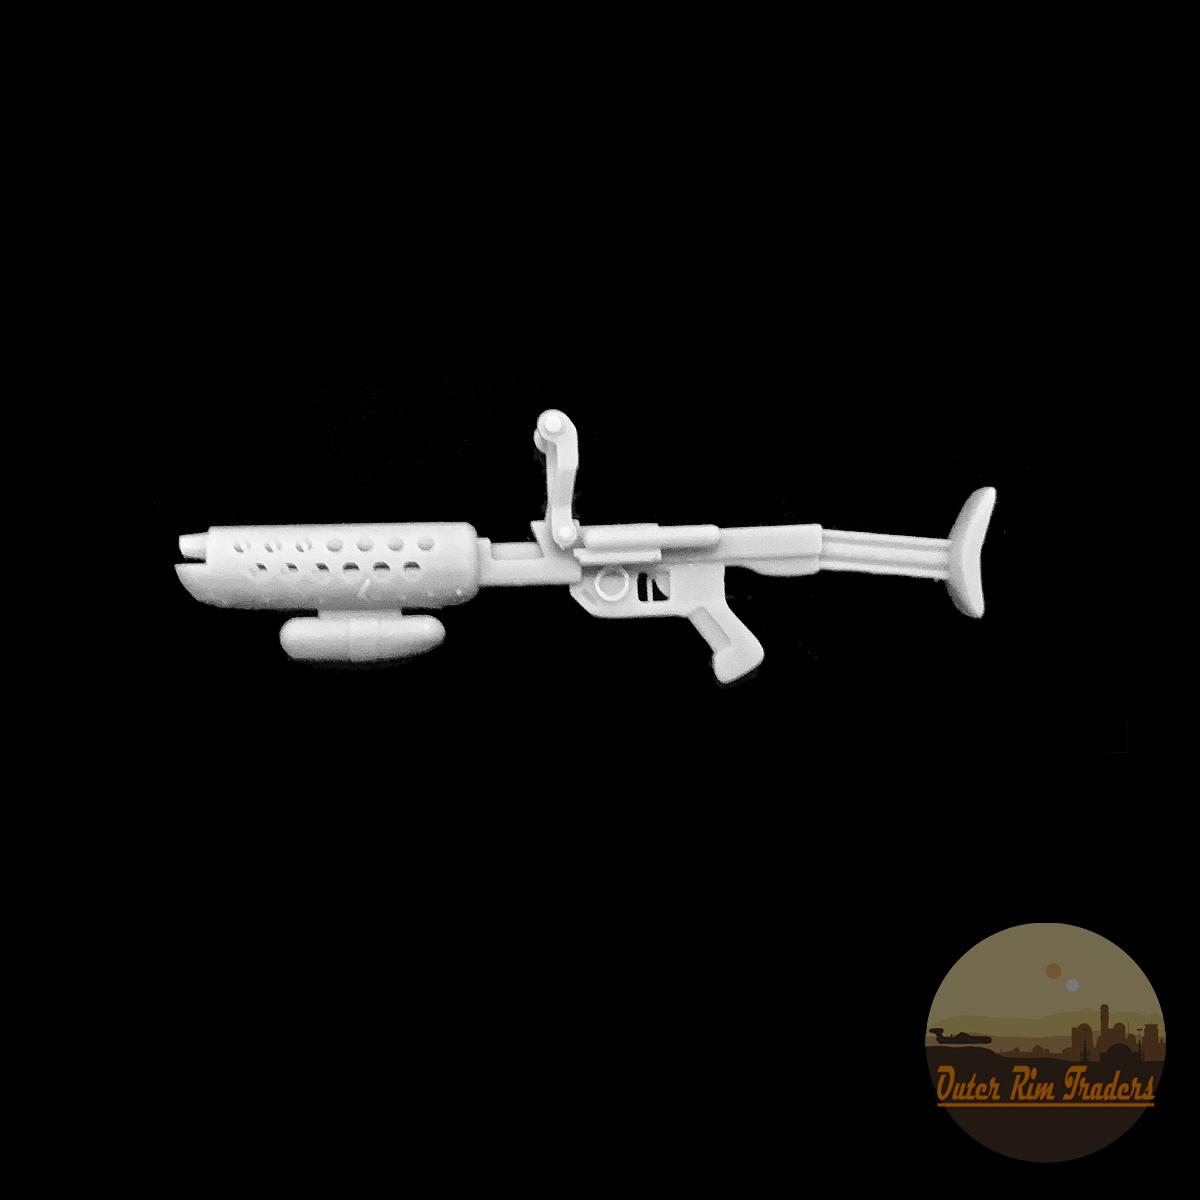 Image of Flamethrower by Skylu3D